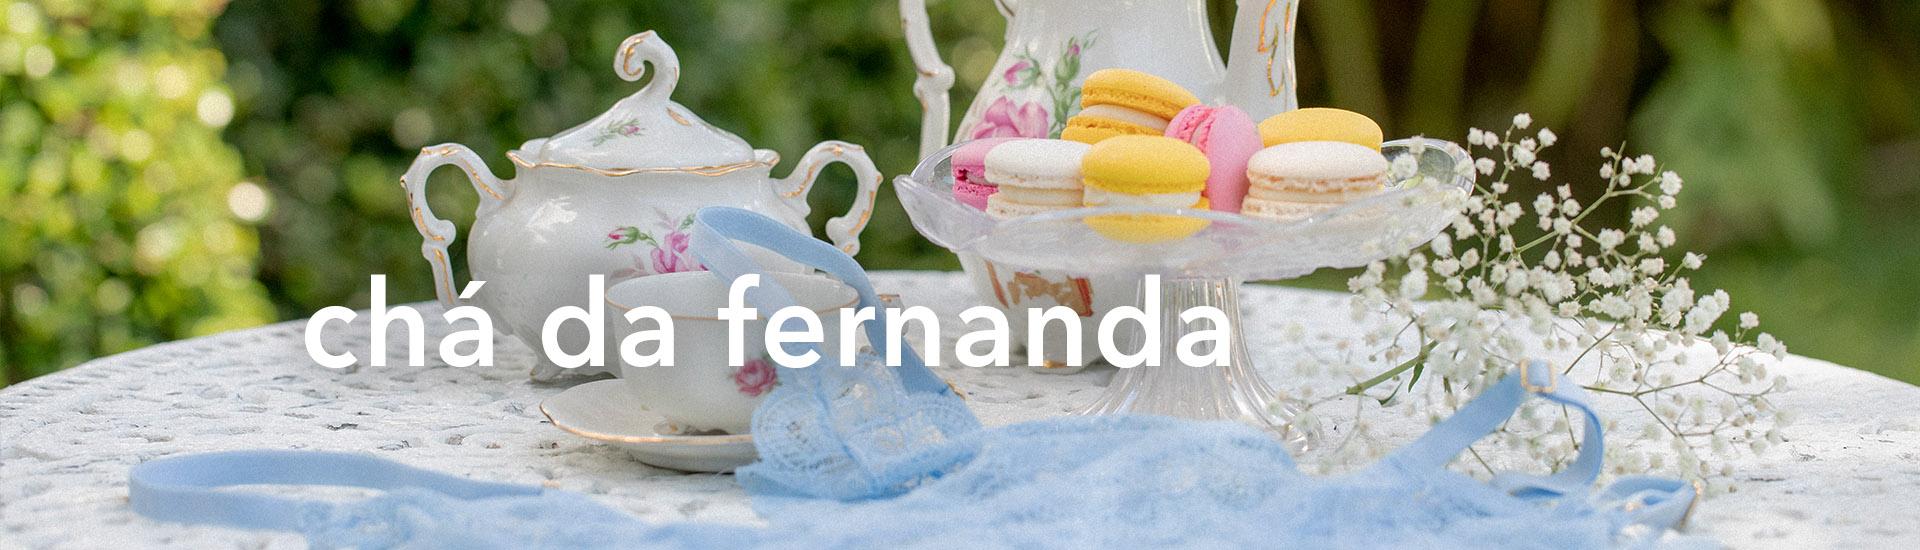 Chá da Fernanda